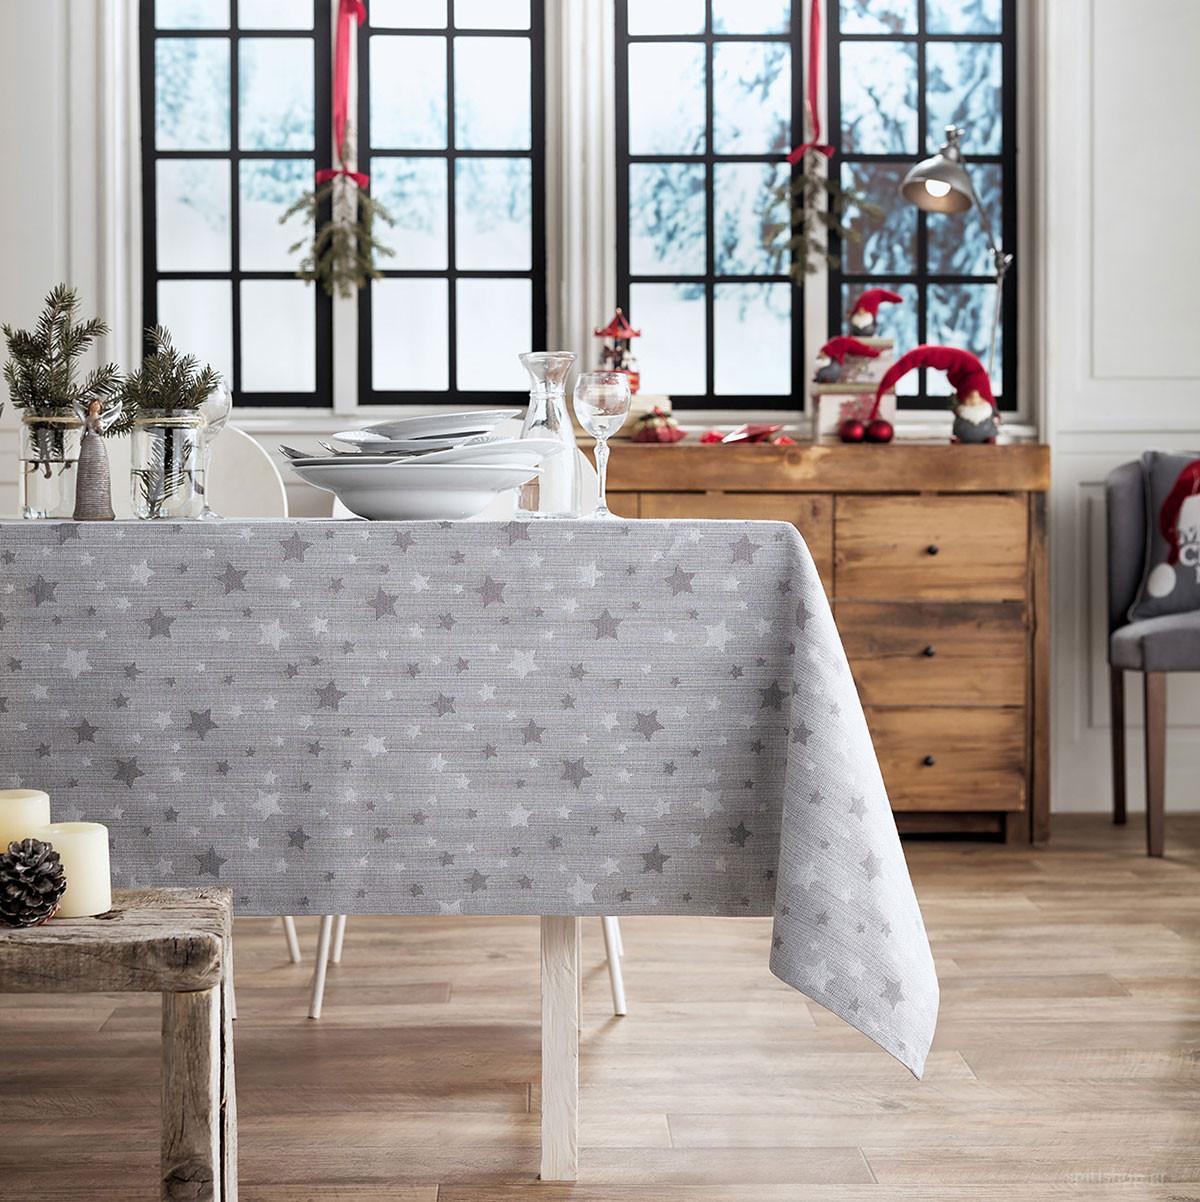 Χριστουγεννιάτικο Τραπεζομάντηλο (135×220) Gofis Home 901/15